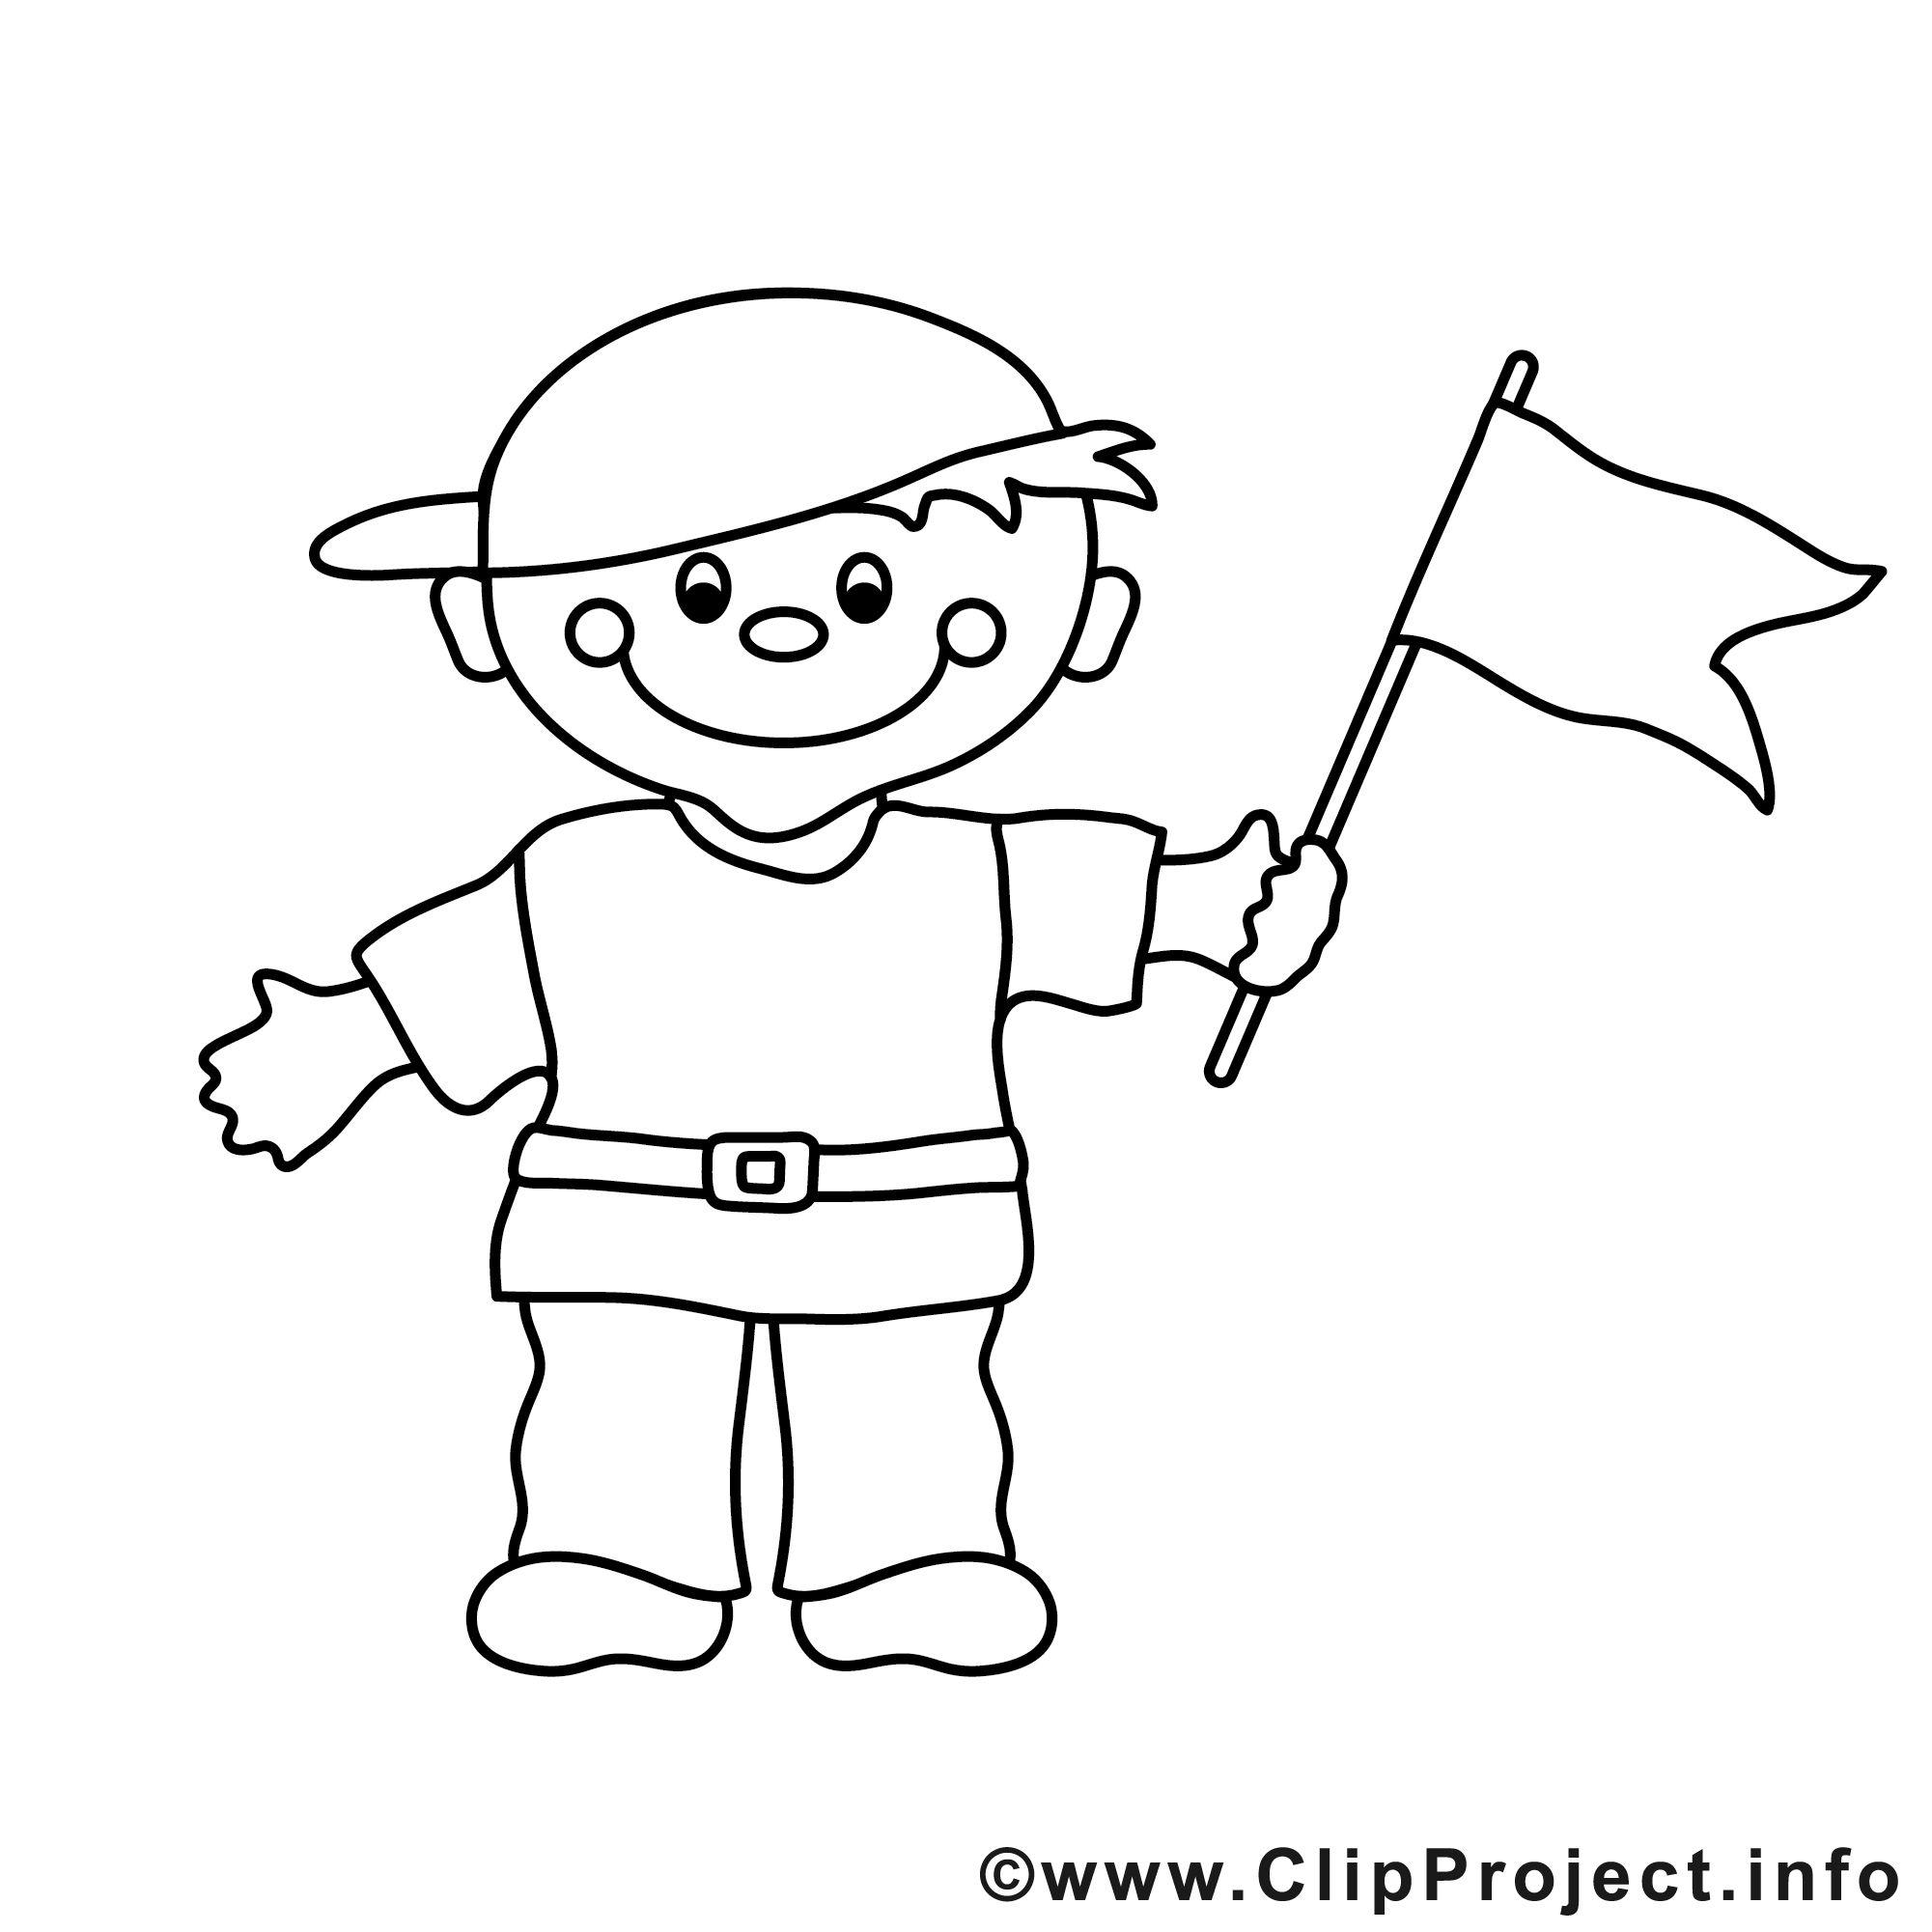 bild zum ausmalen kind – Ausmalbilder für kinder   Bilder ...